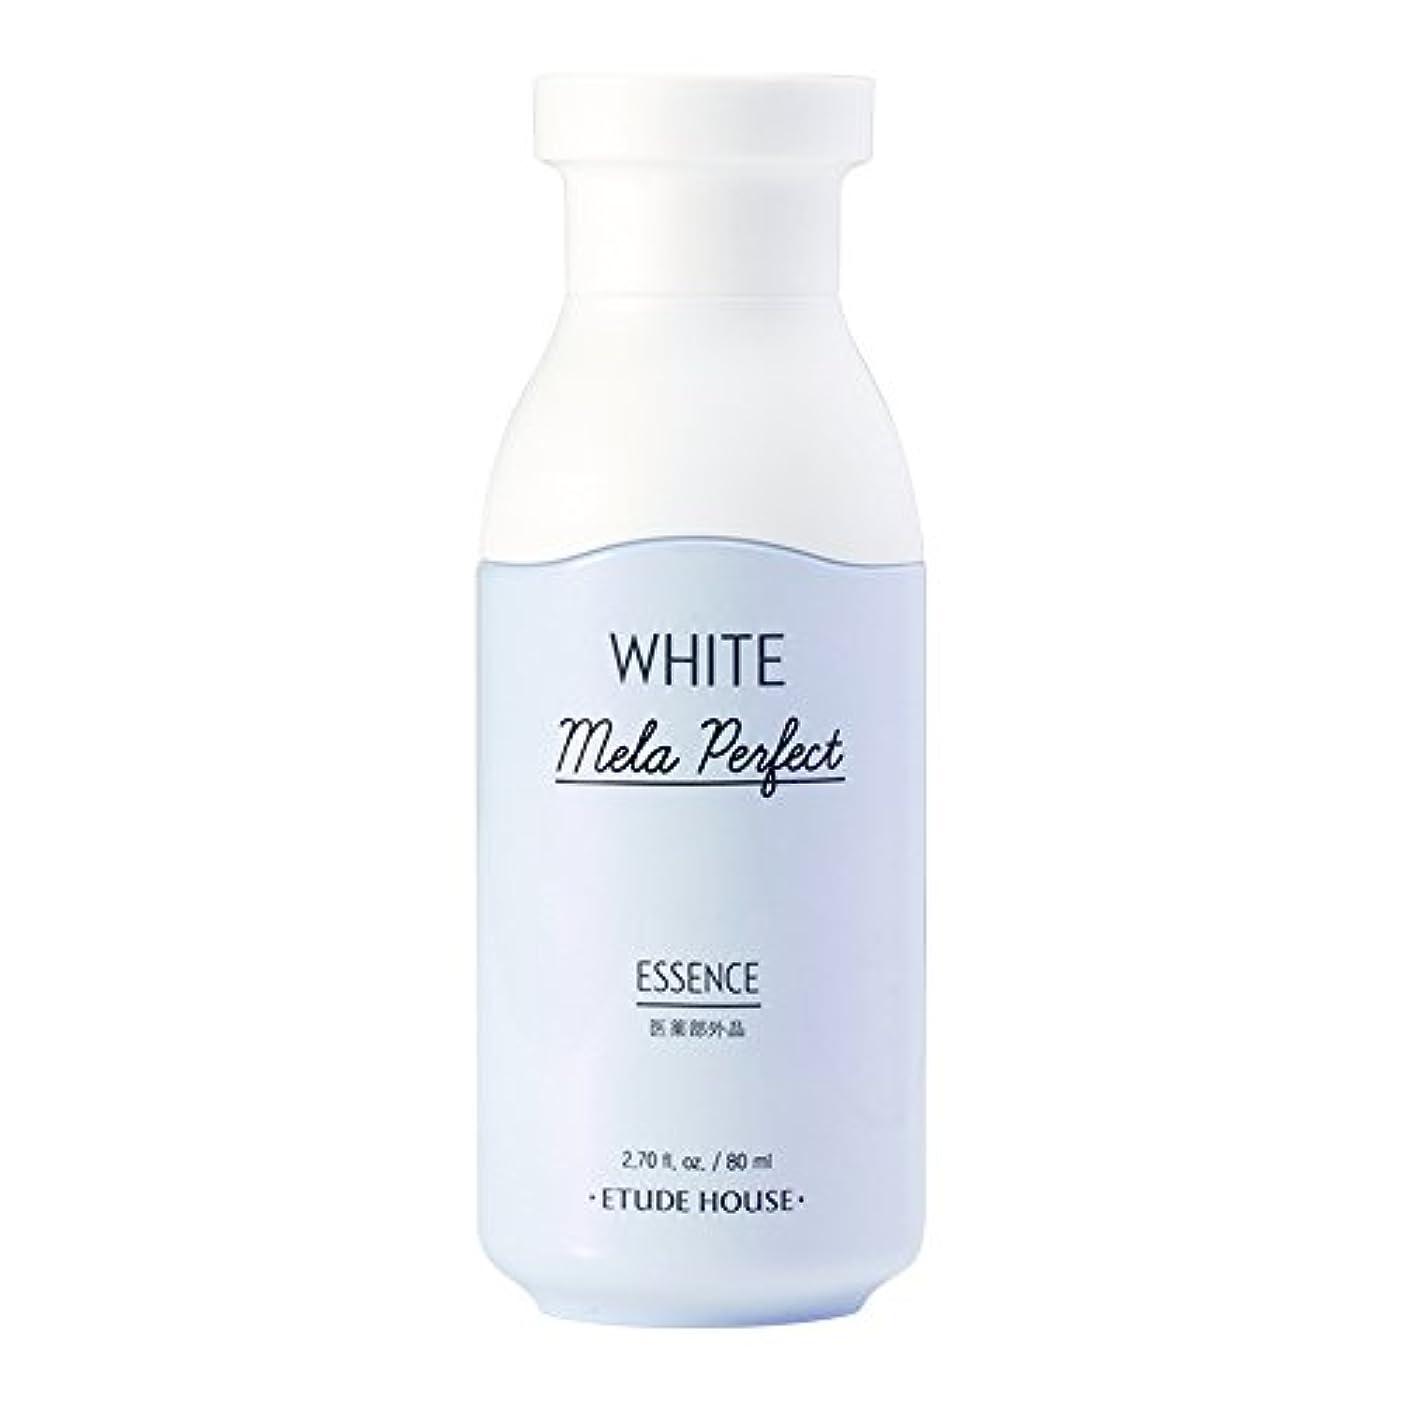 汚いけがをする狂うエチュードハウス(ETUDE HOUSE) ホワイトメラパーフェクト エッセンス「美白美容液」